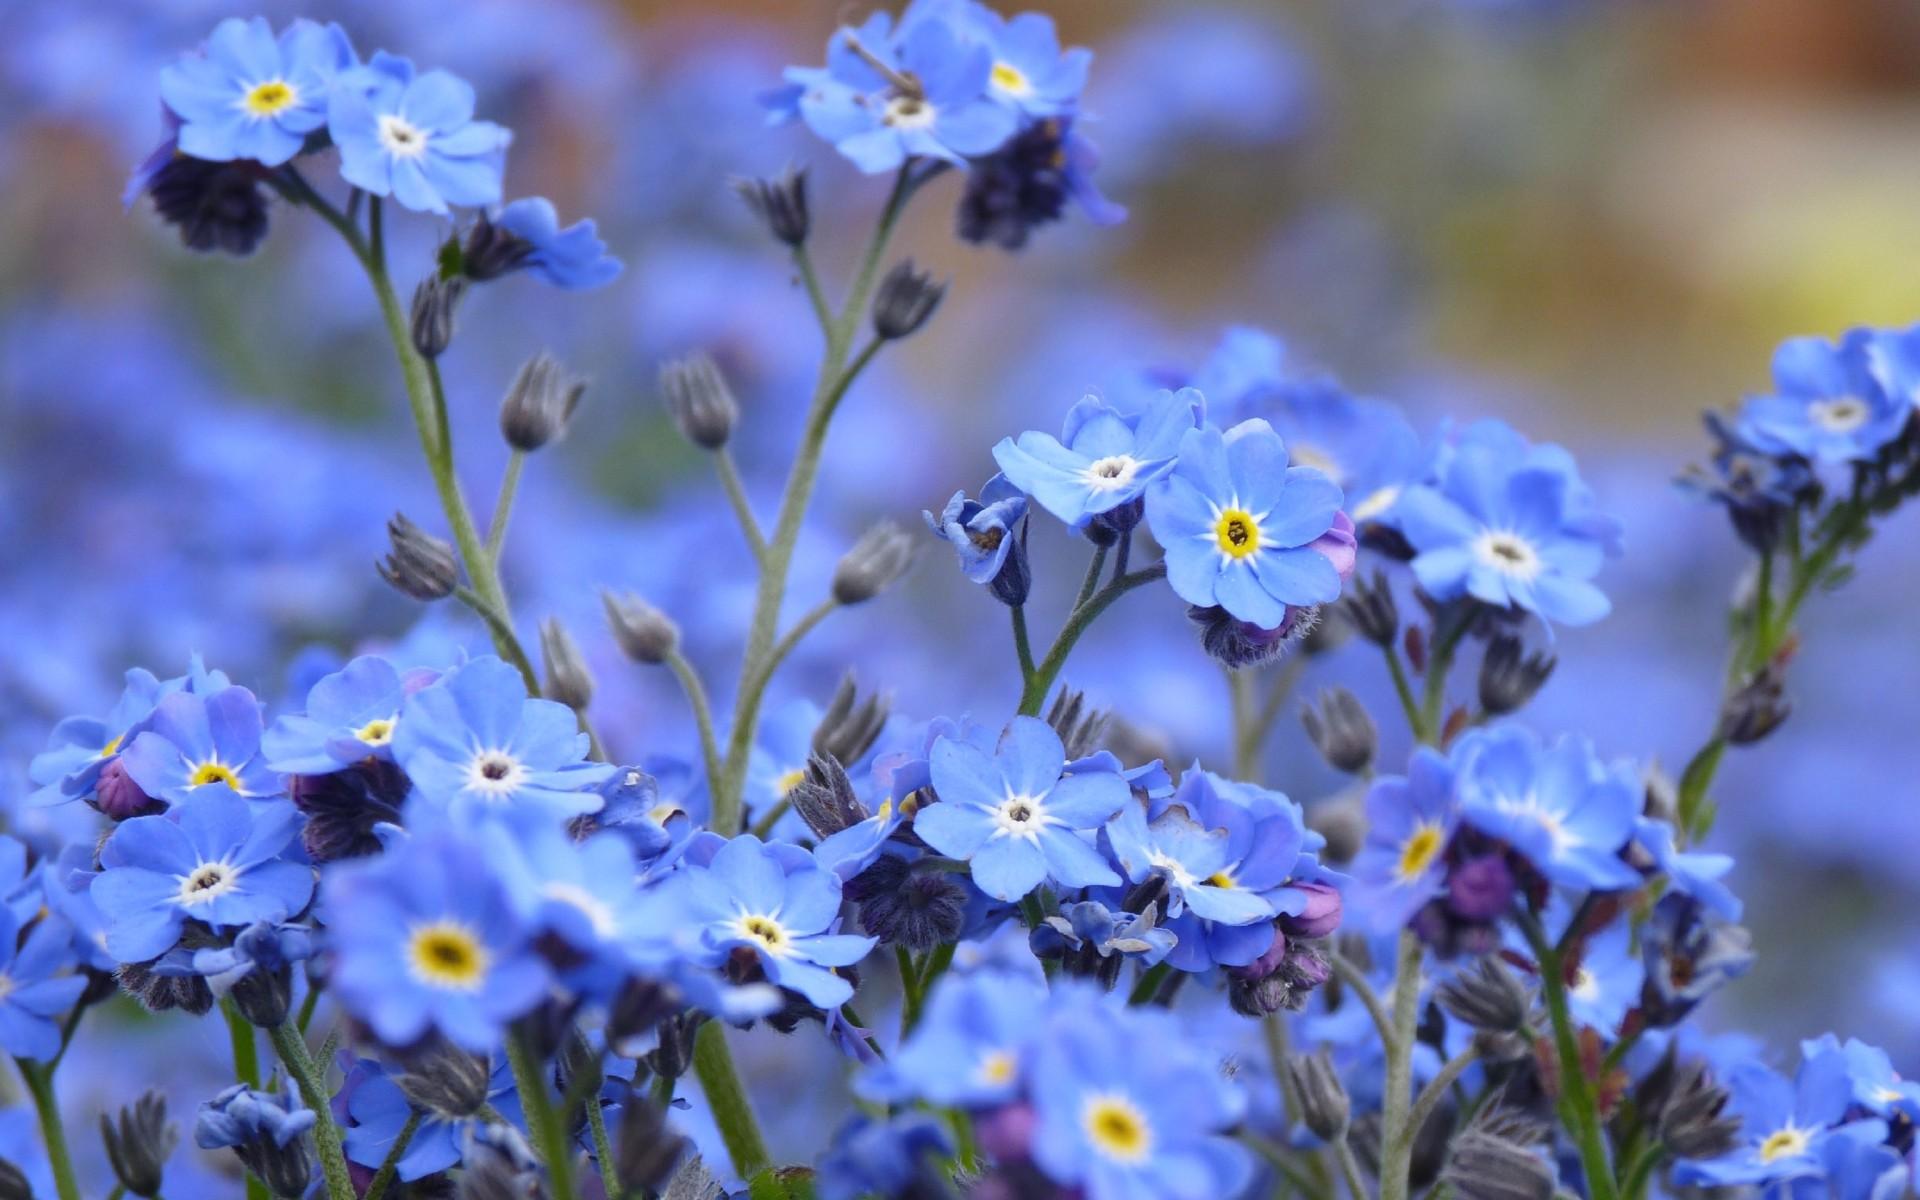 Цветок незабудка фото — catherinethegreat. Ru.